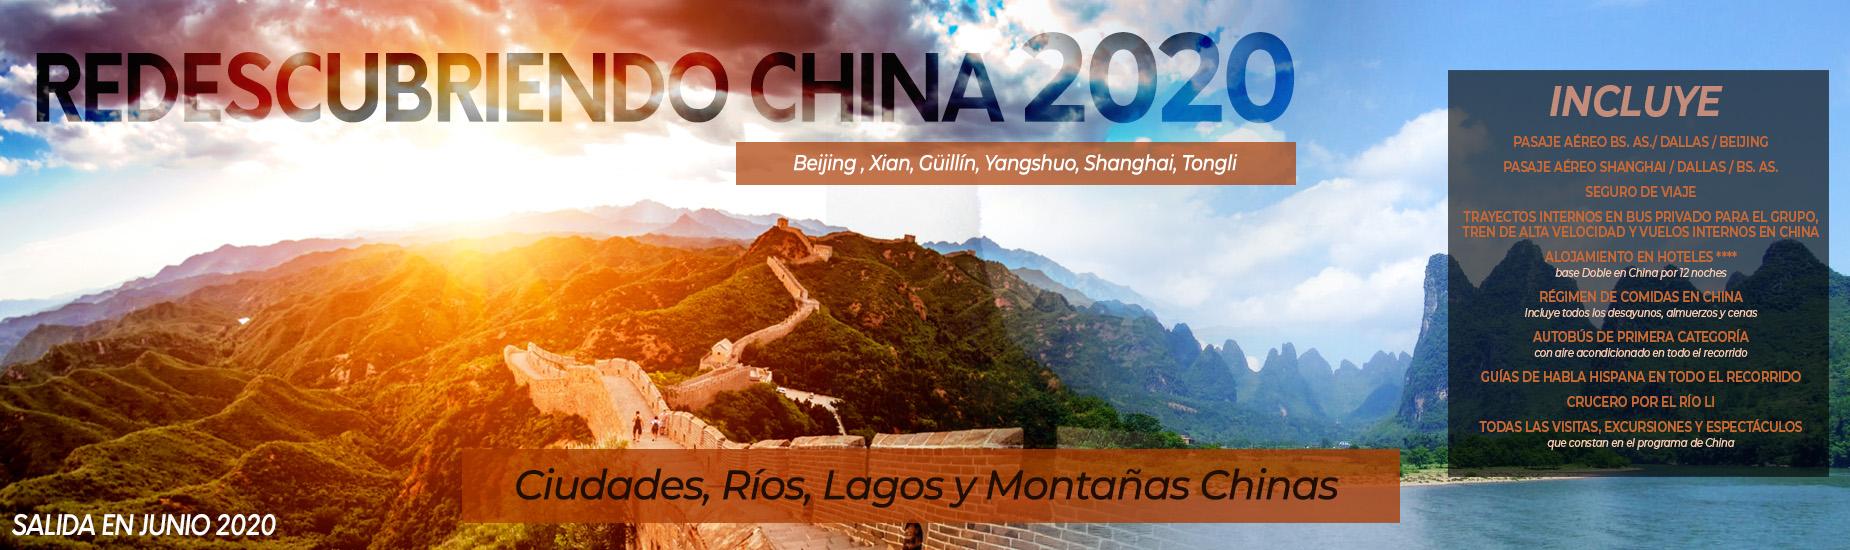 REDESCUBRIENDO CHINA  2020